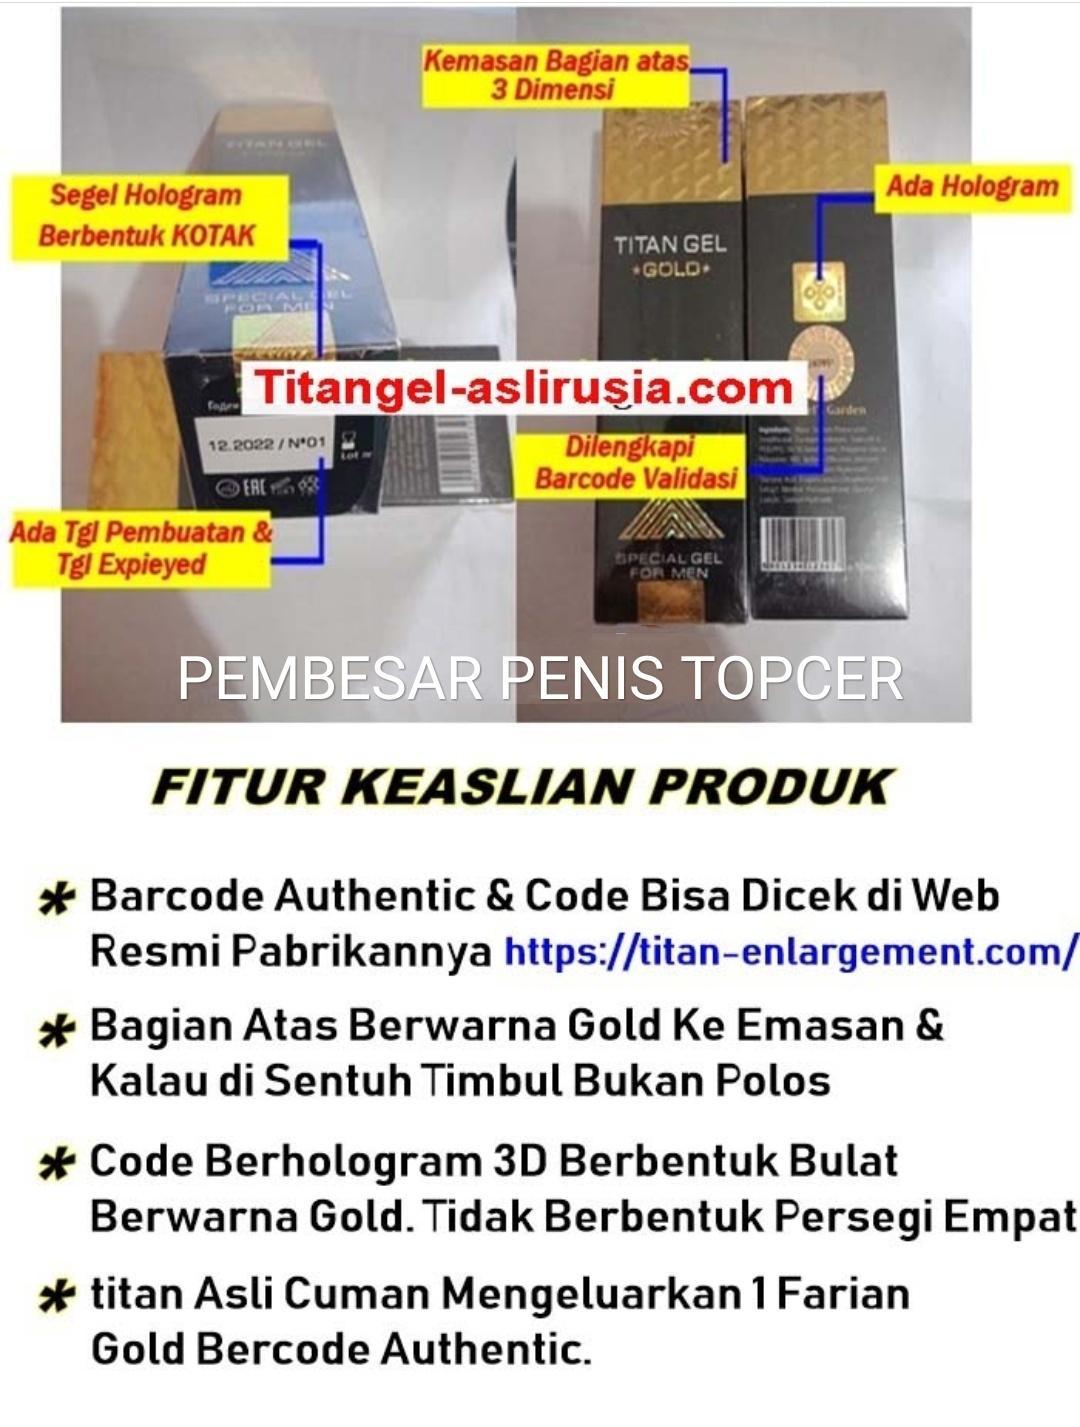 Produk Kita Agen Terjamin Asli Titan_gold Original Barcode Valid Made In Rusia_ Obat_pembesar Titan_gel_gold_asli 50 Ml By Produk Kita.